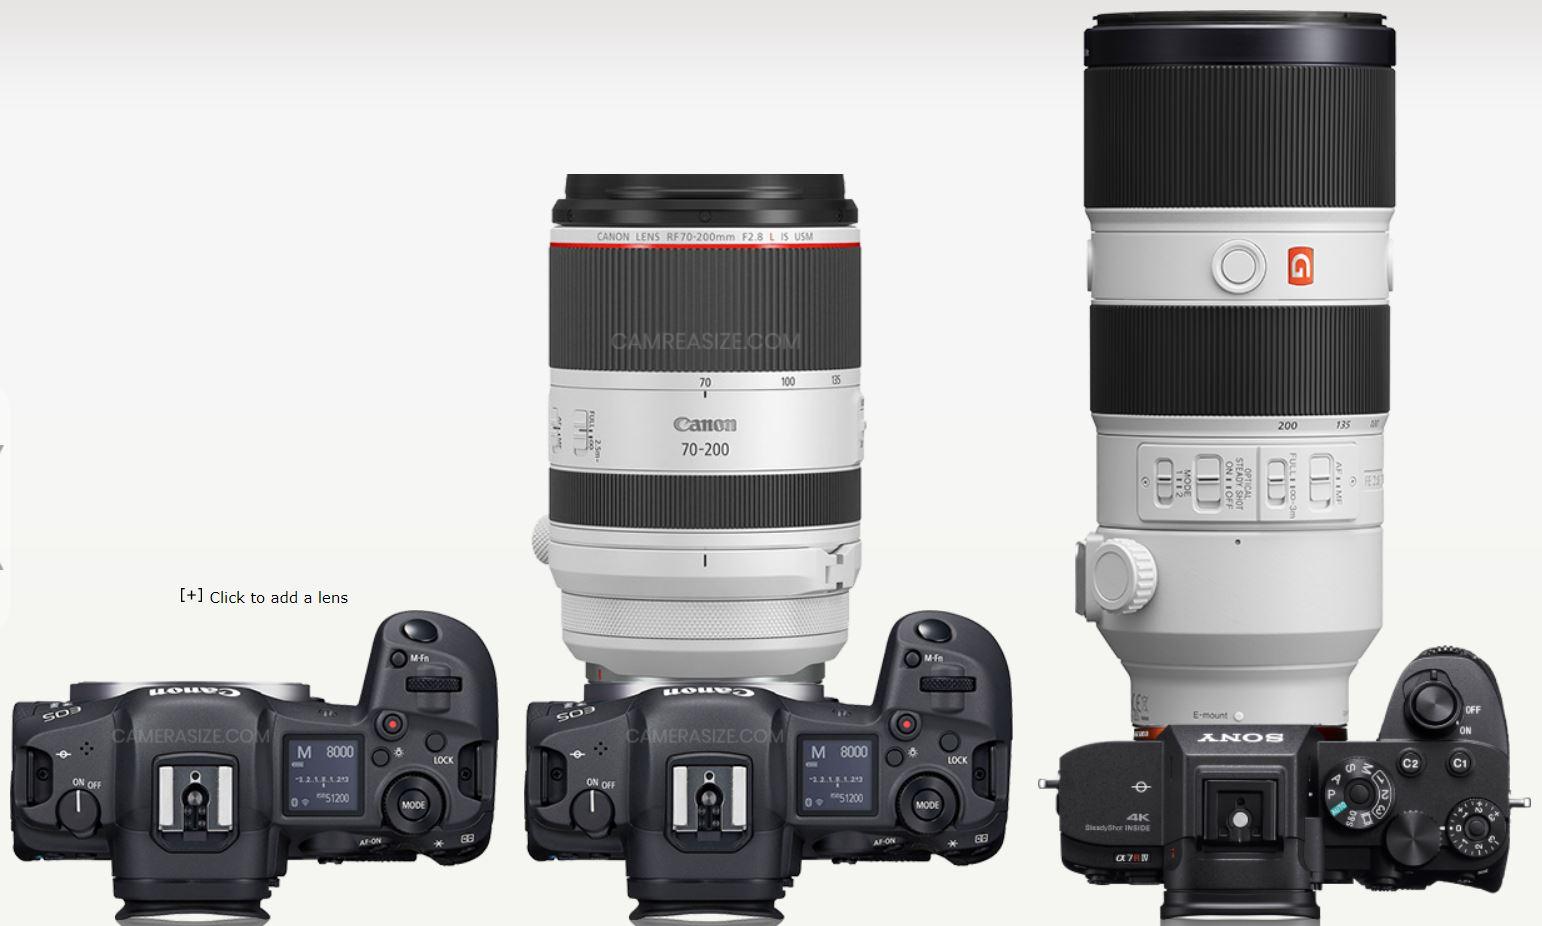 Canon RF lens ailesine yeniler geliyor